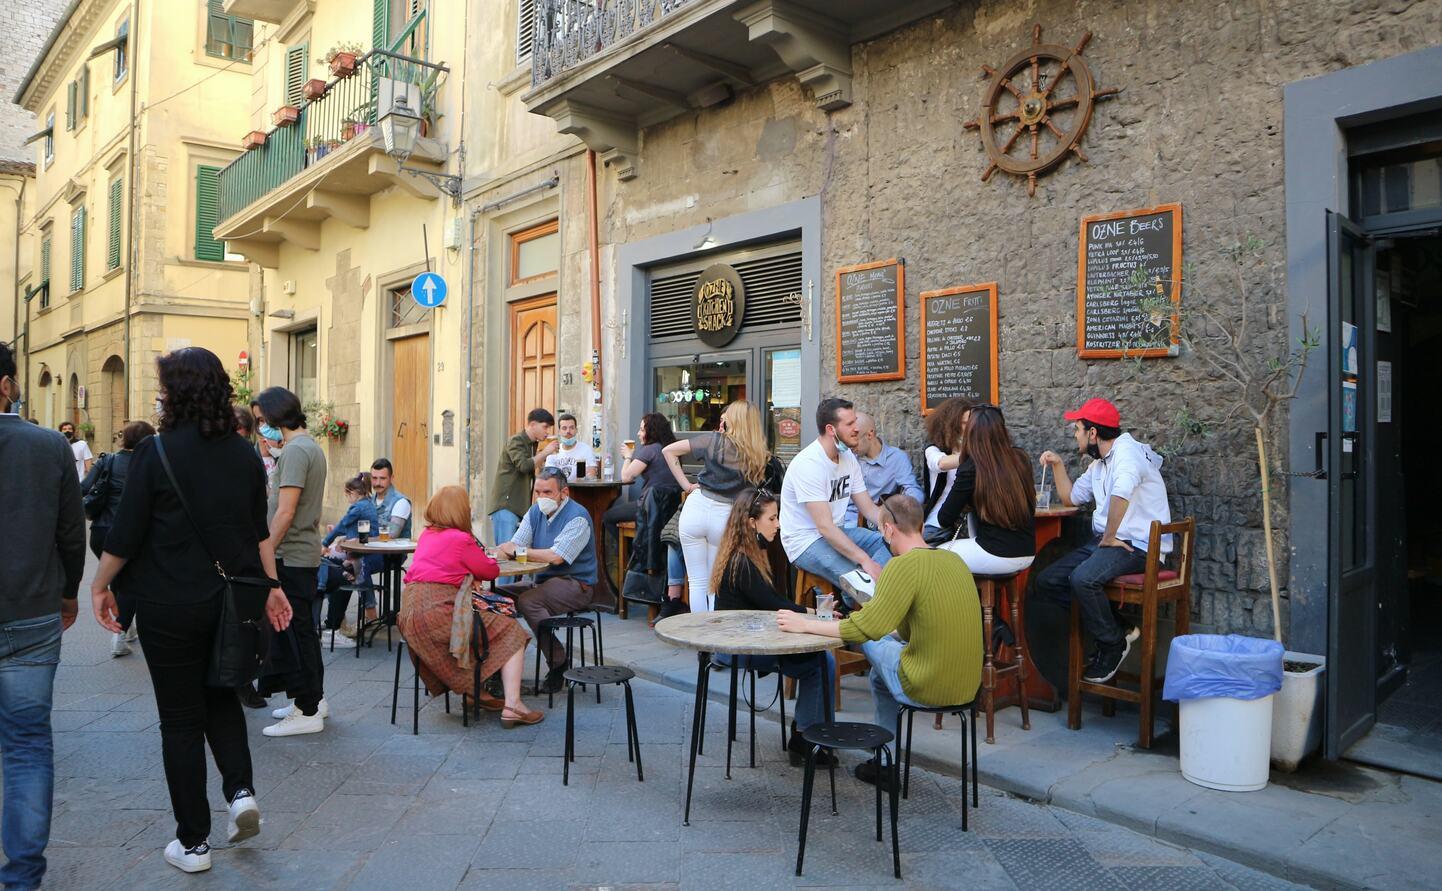 バールなどで飲食を楽しむ人々、プラートで撮影